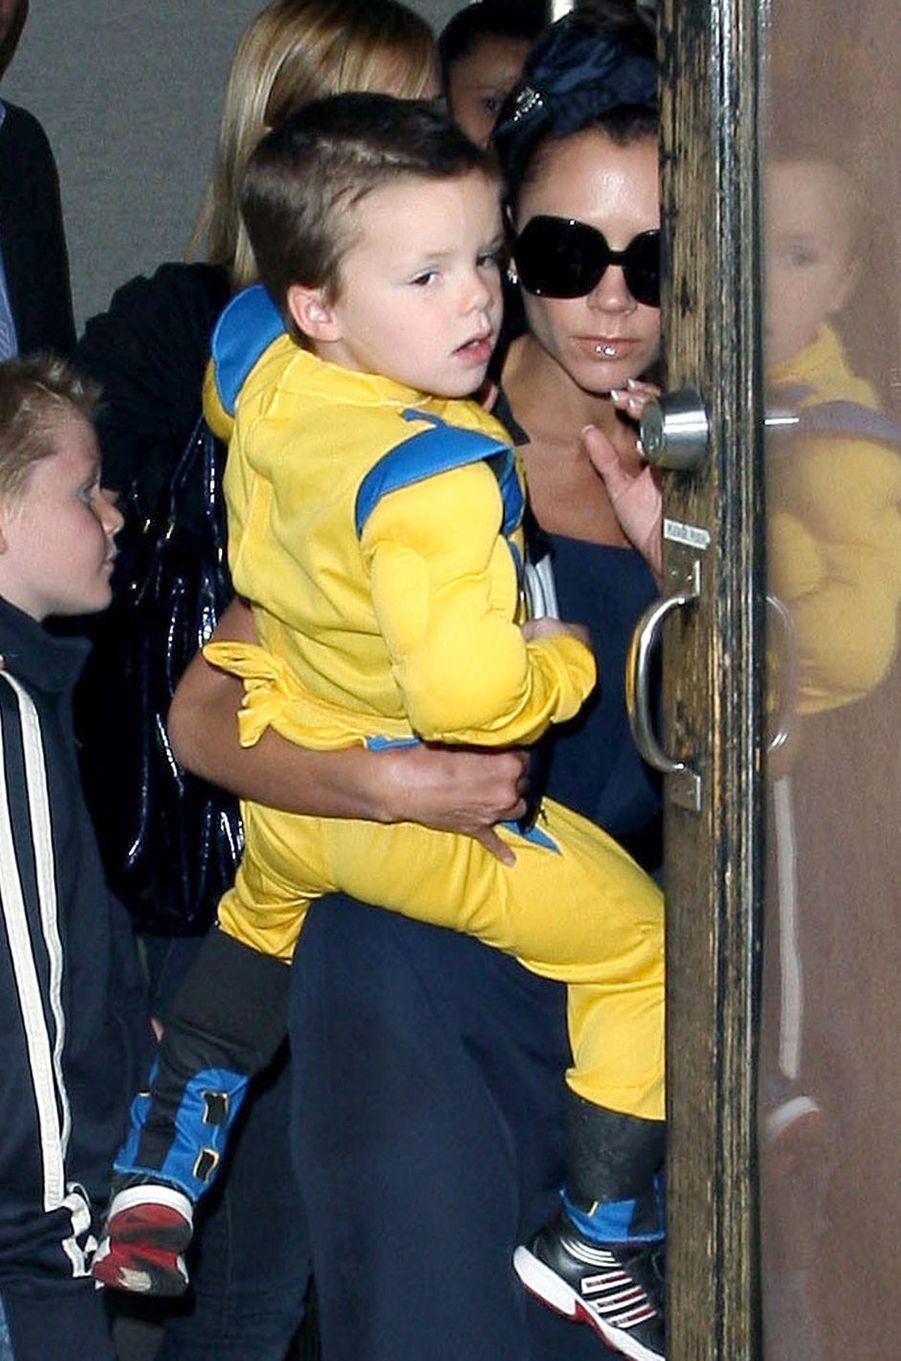 Cruz Beckham en février 2009 dans les bras de sa mère Victoria Beckham